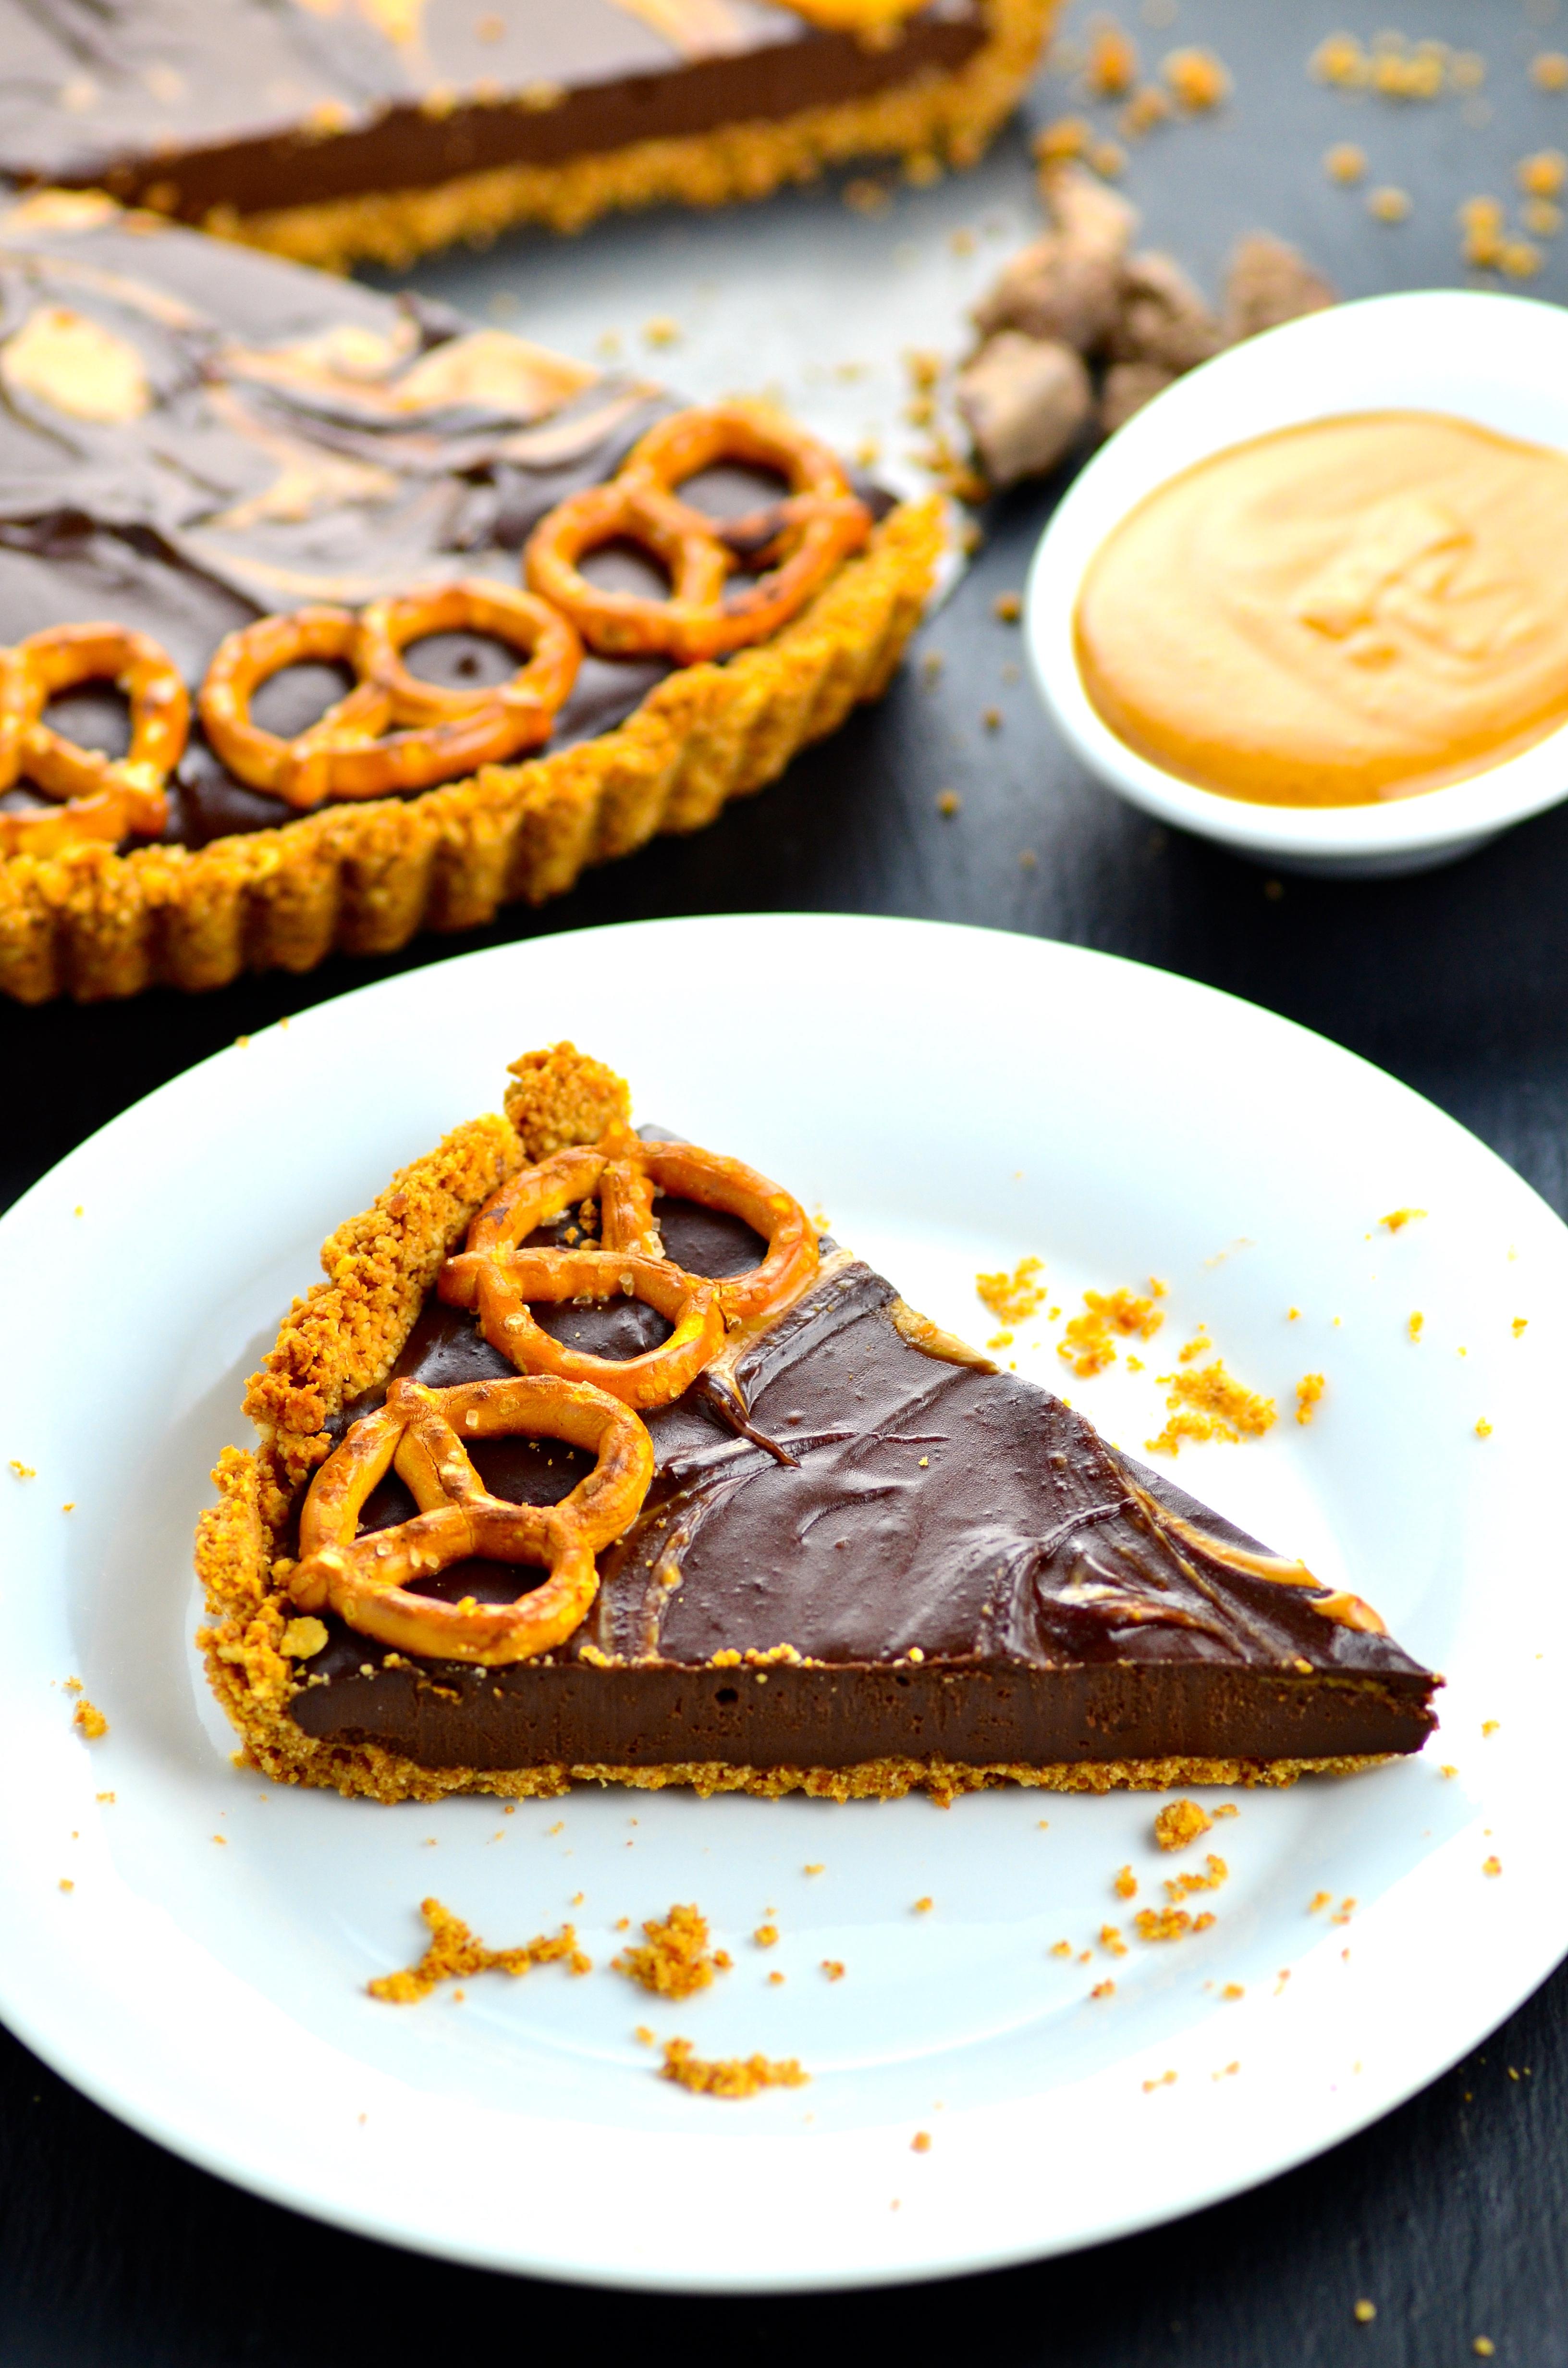 Chocolate Peanut Butter & Pretzel Tart